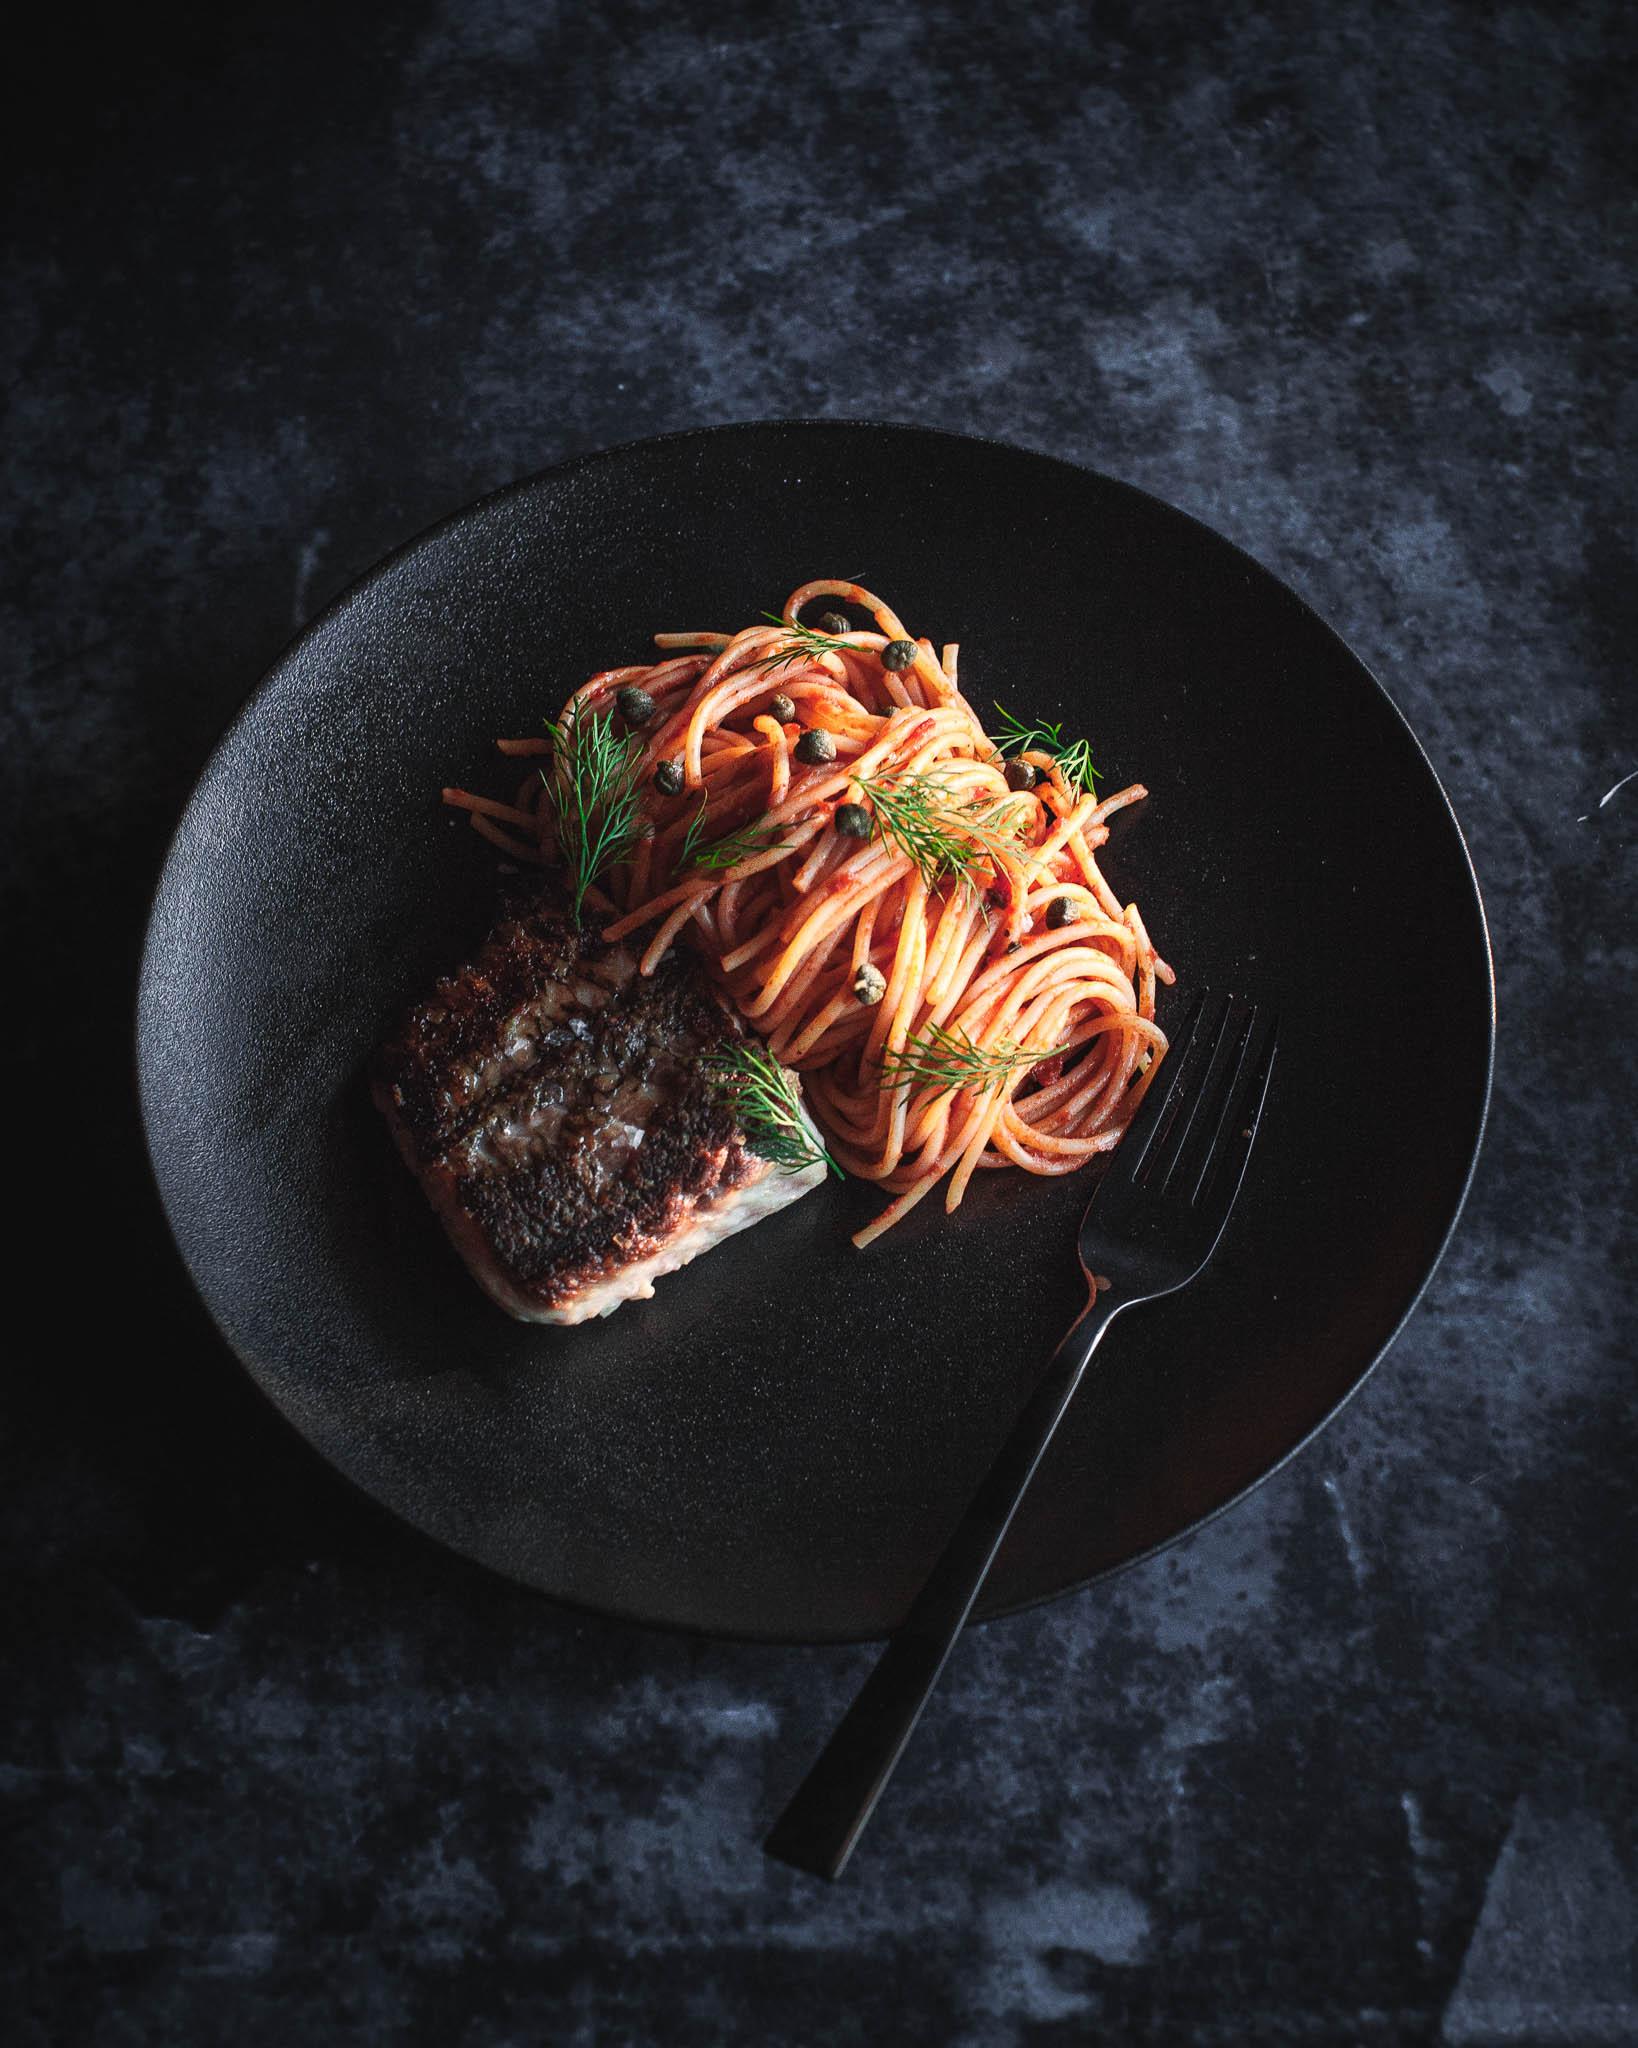 Barilla-Pasta-Web-Cultivate-004.jpg